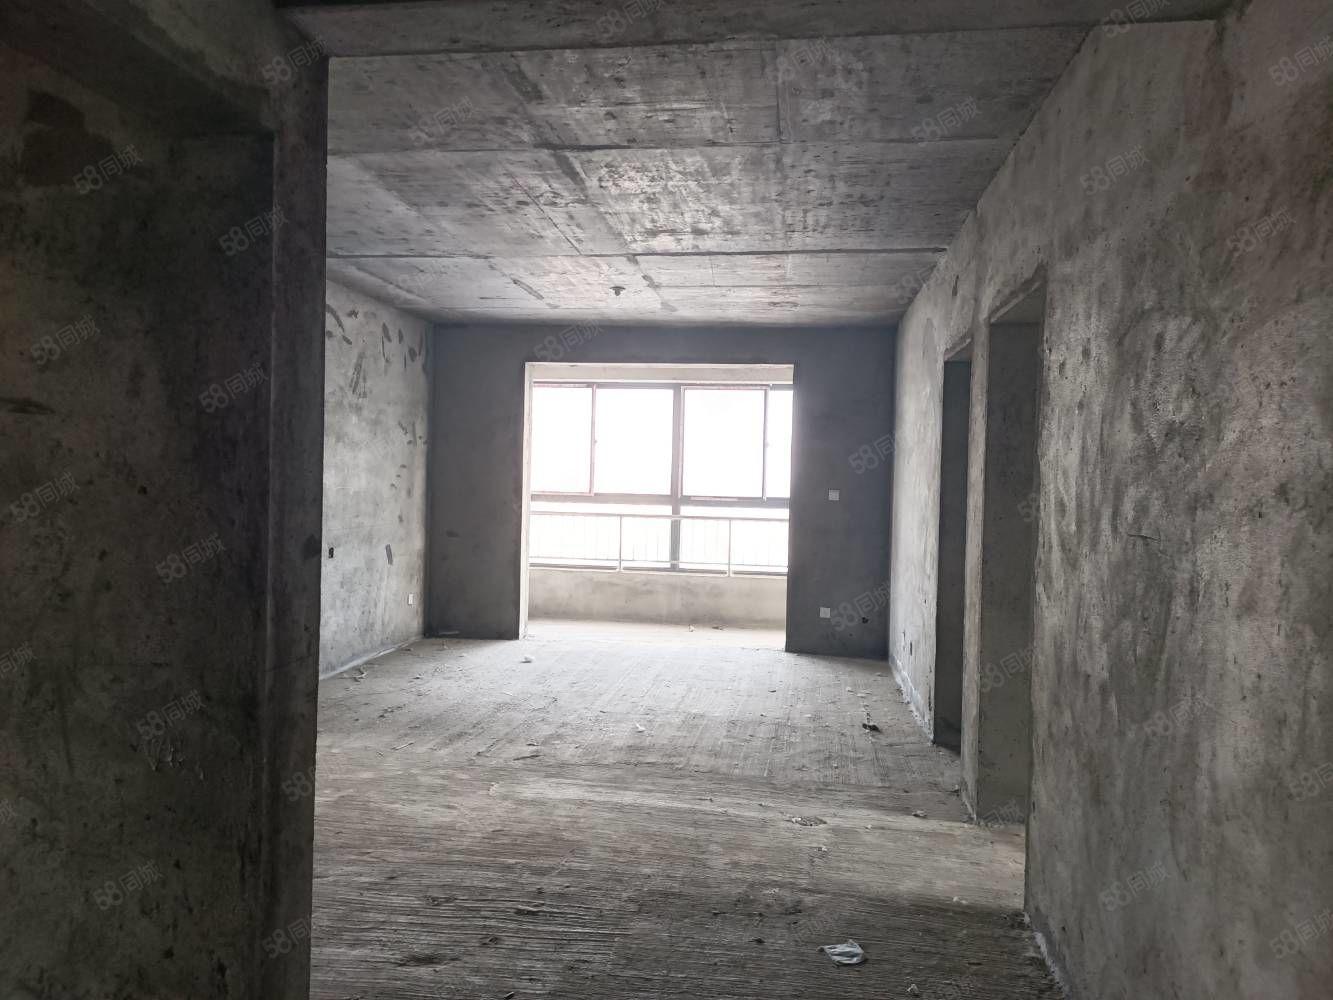 興隆國際電梯14樓,4室2廳2衛,戶型全明設計。直接簽一手房